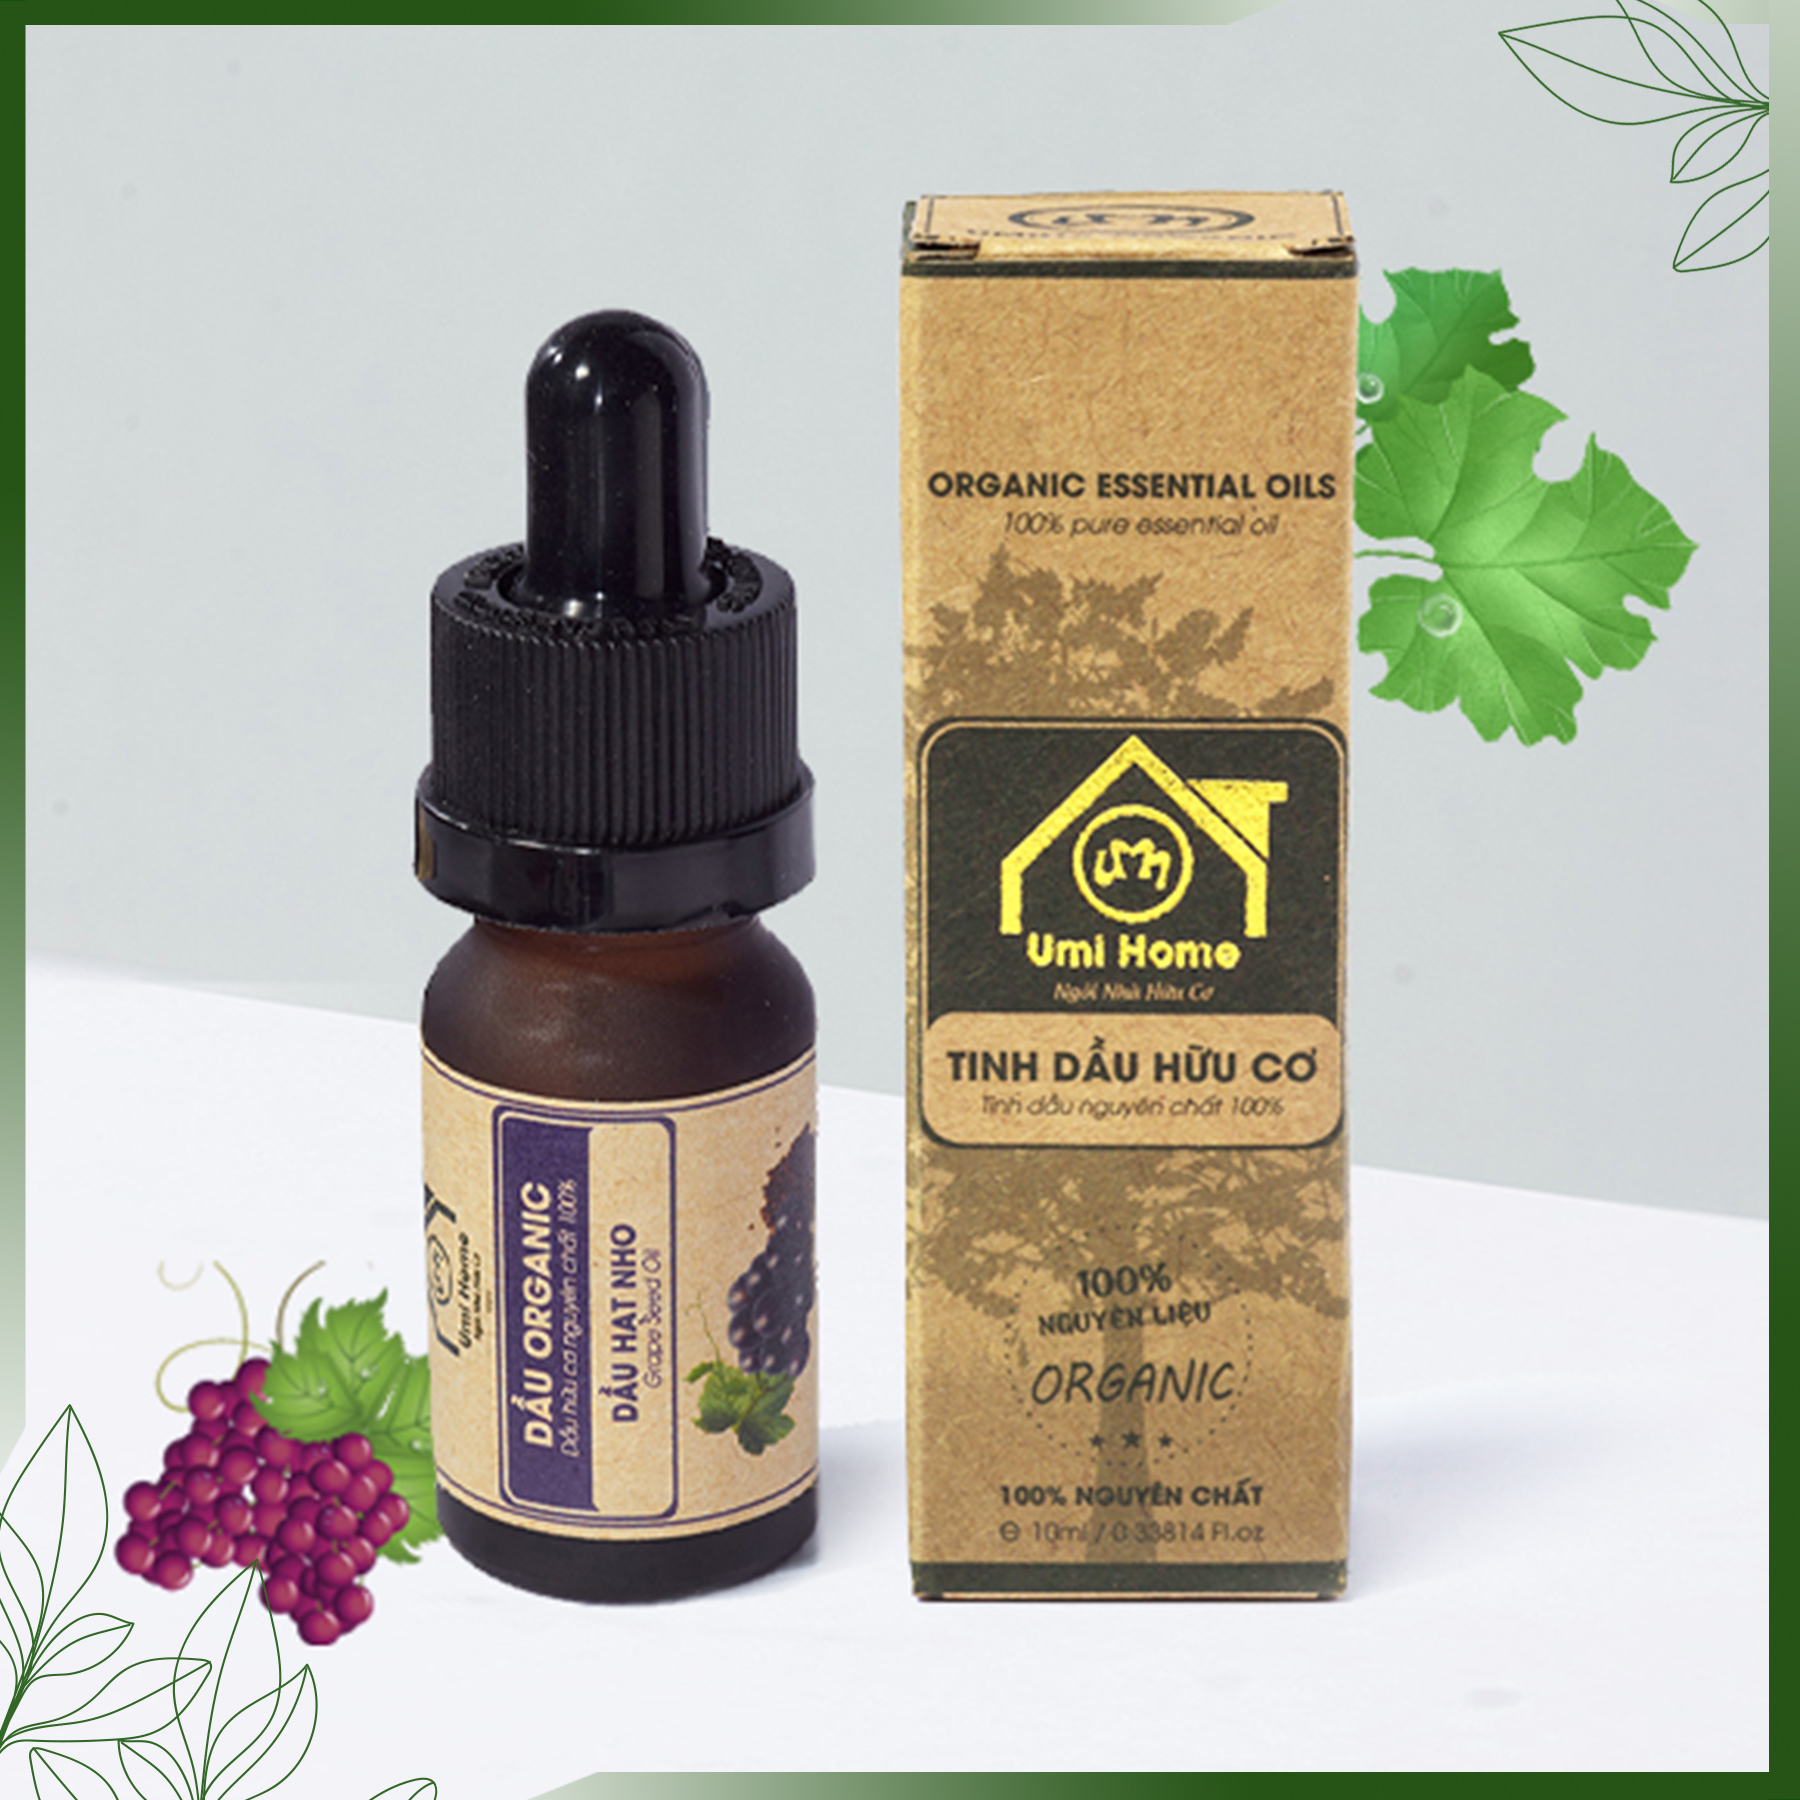 Dầu Hạt Nho Nguyên Chất Umi Home (10ml) Dầu dưỡng da chống lão hoá loại bỏ thâm mụn hiệu quả